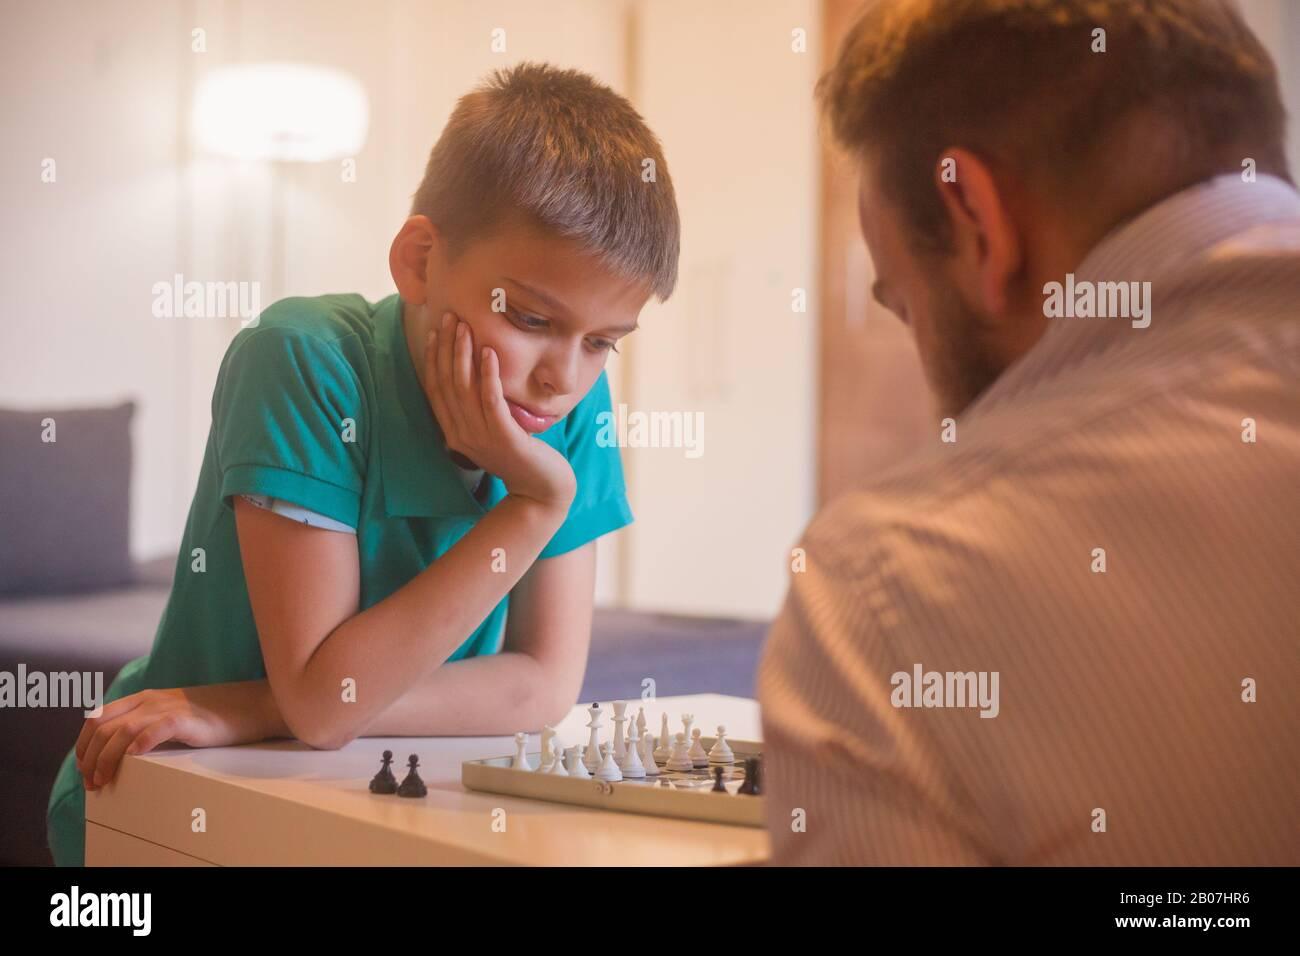 jeune homme et fils jouant aux échecs ensemble. Son fils s'accroche à son prochain mouvement. Banque D'Images